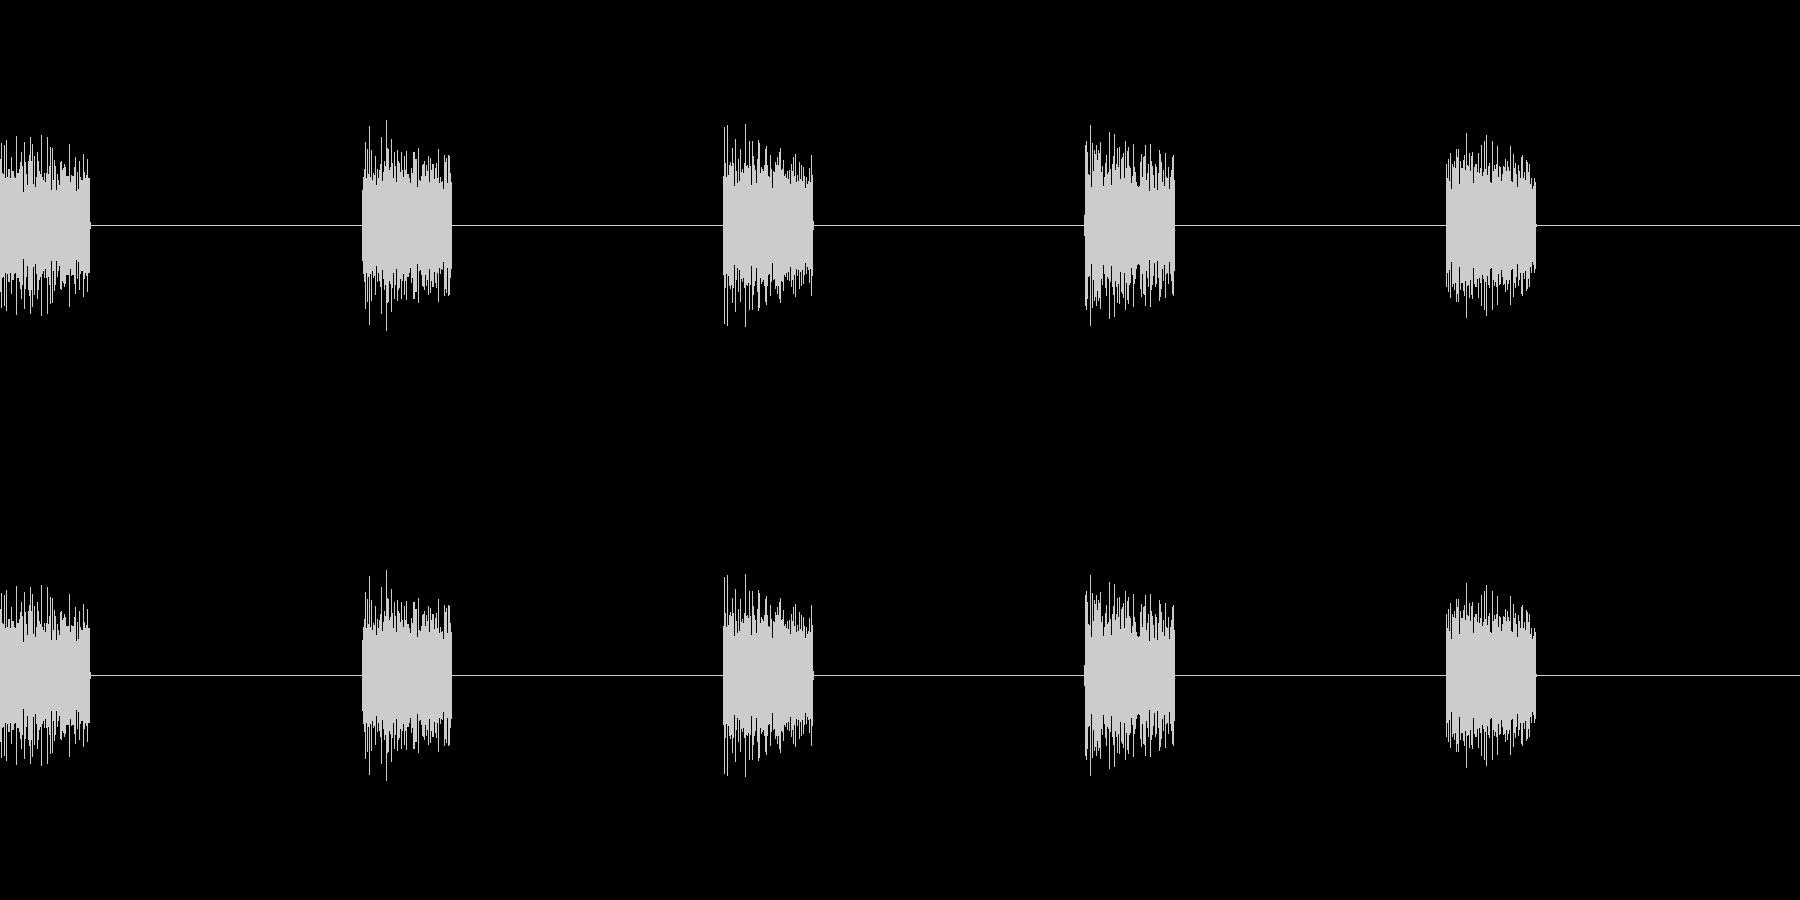 シュイ×5(5列スロットが止まる音)の未再生の波形